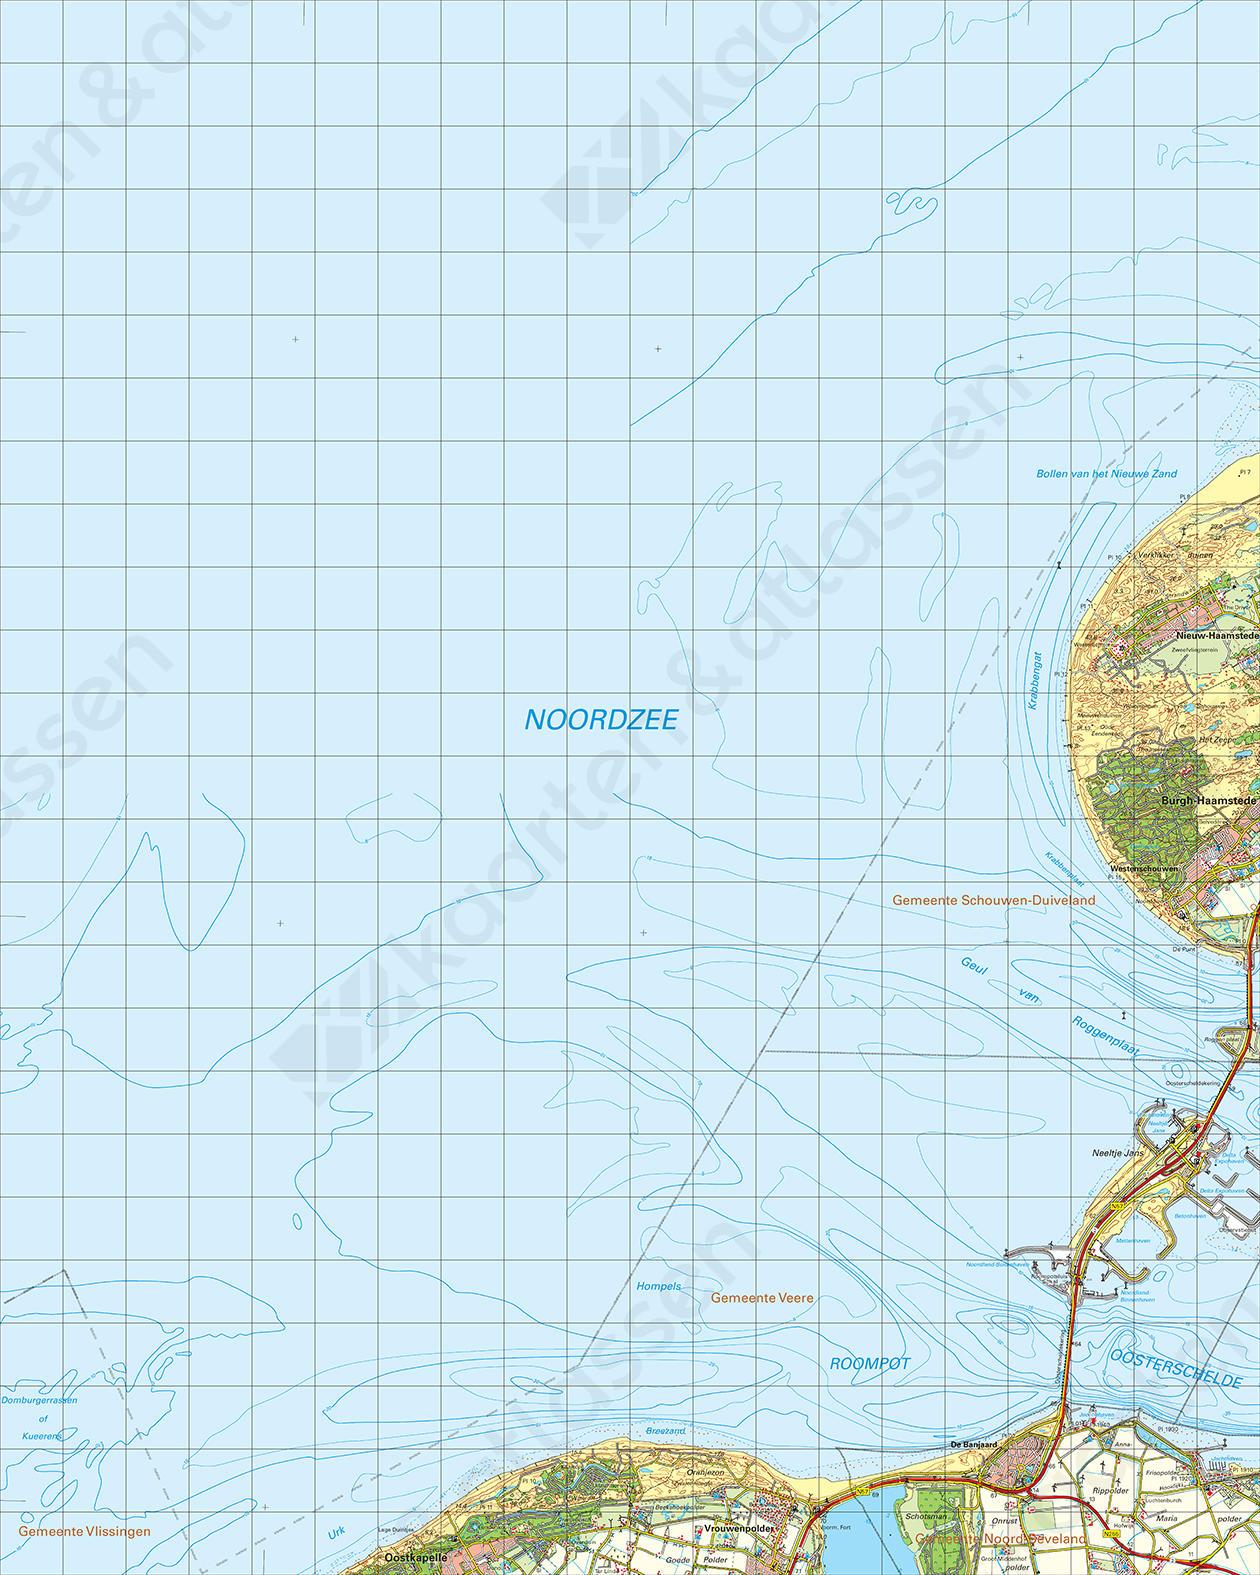 Topografische Kaart 42 West Zierikzee